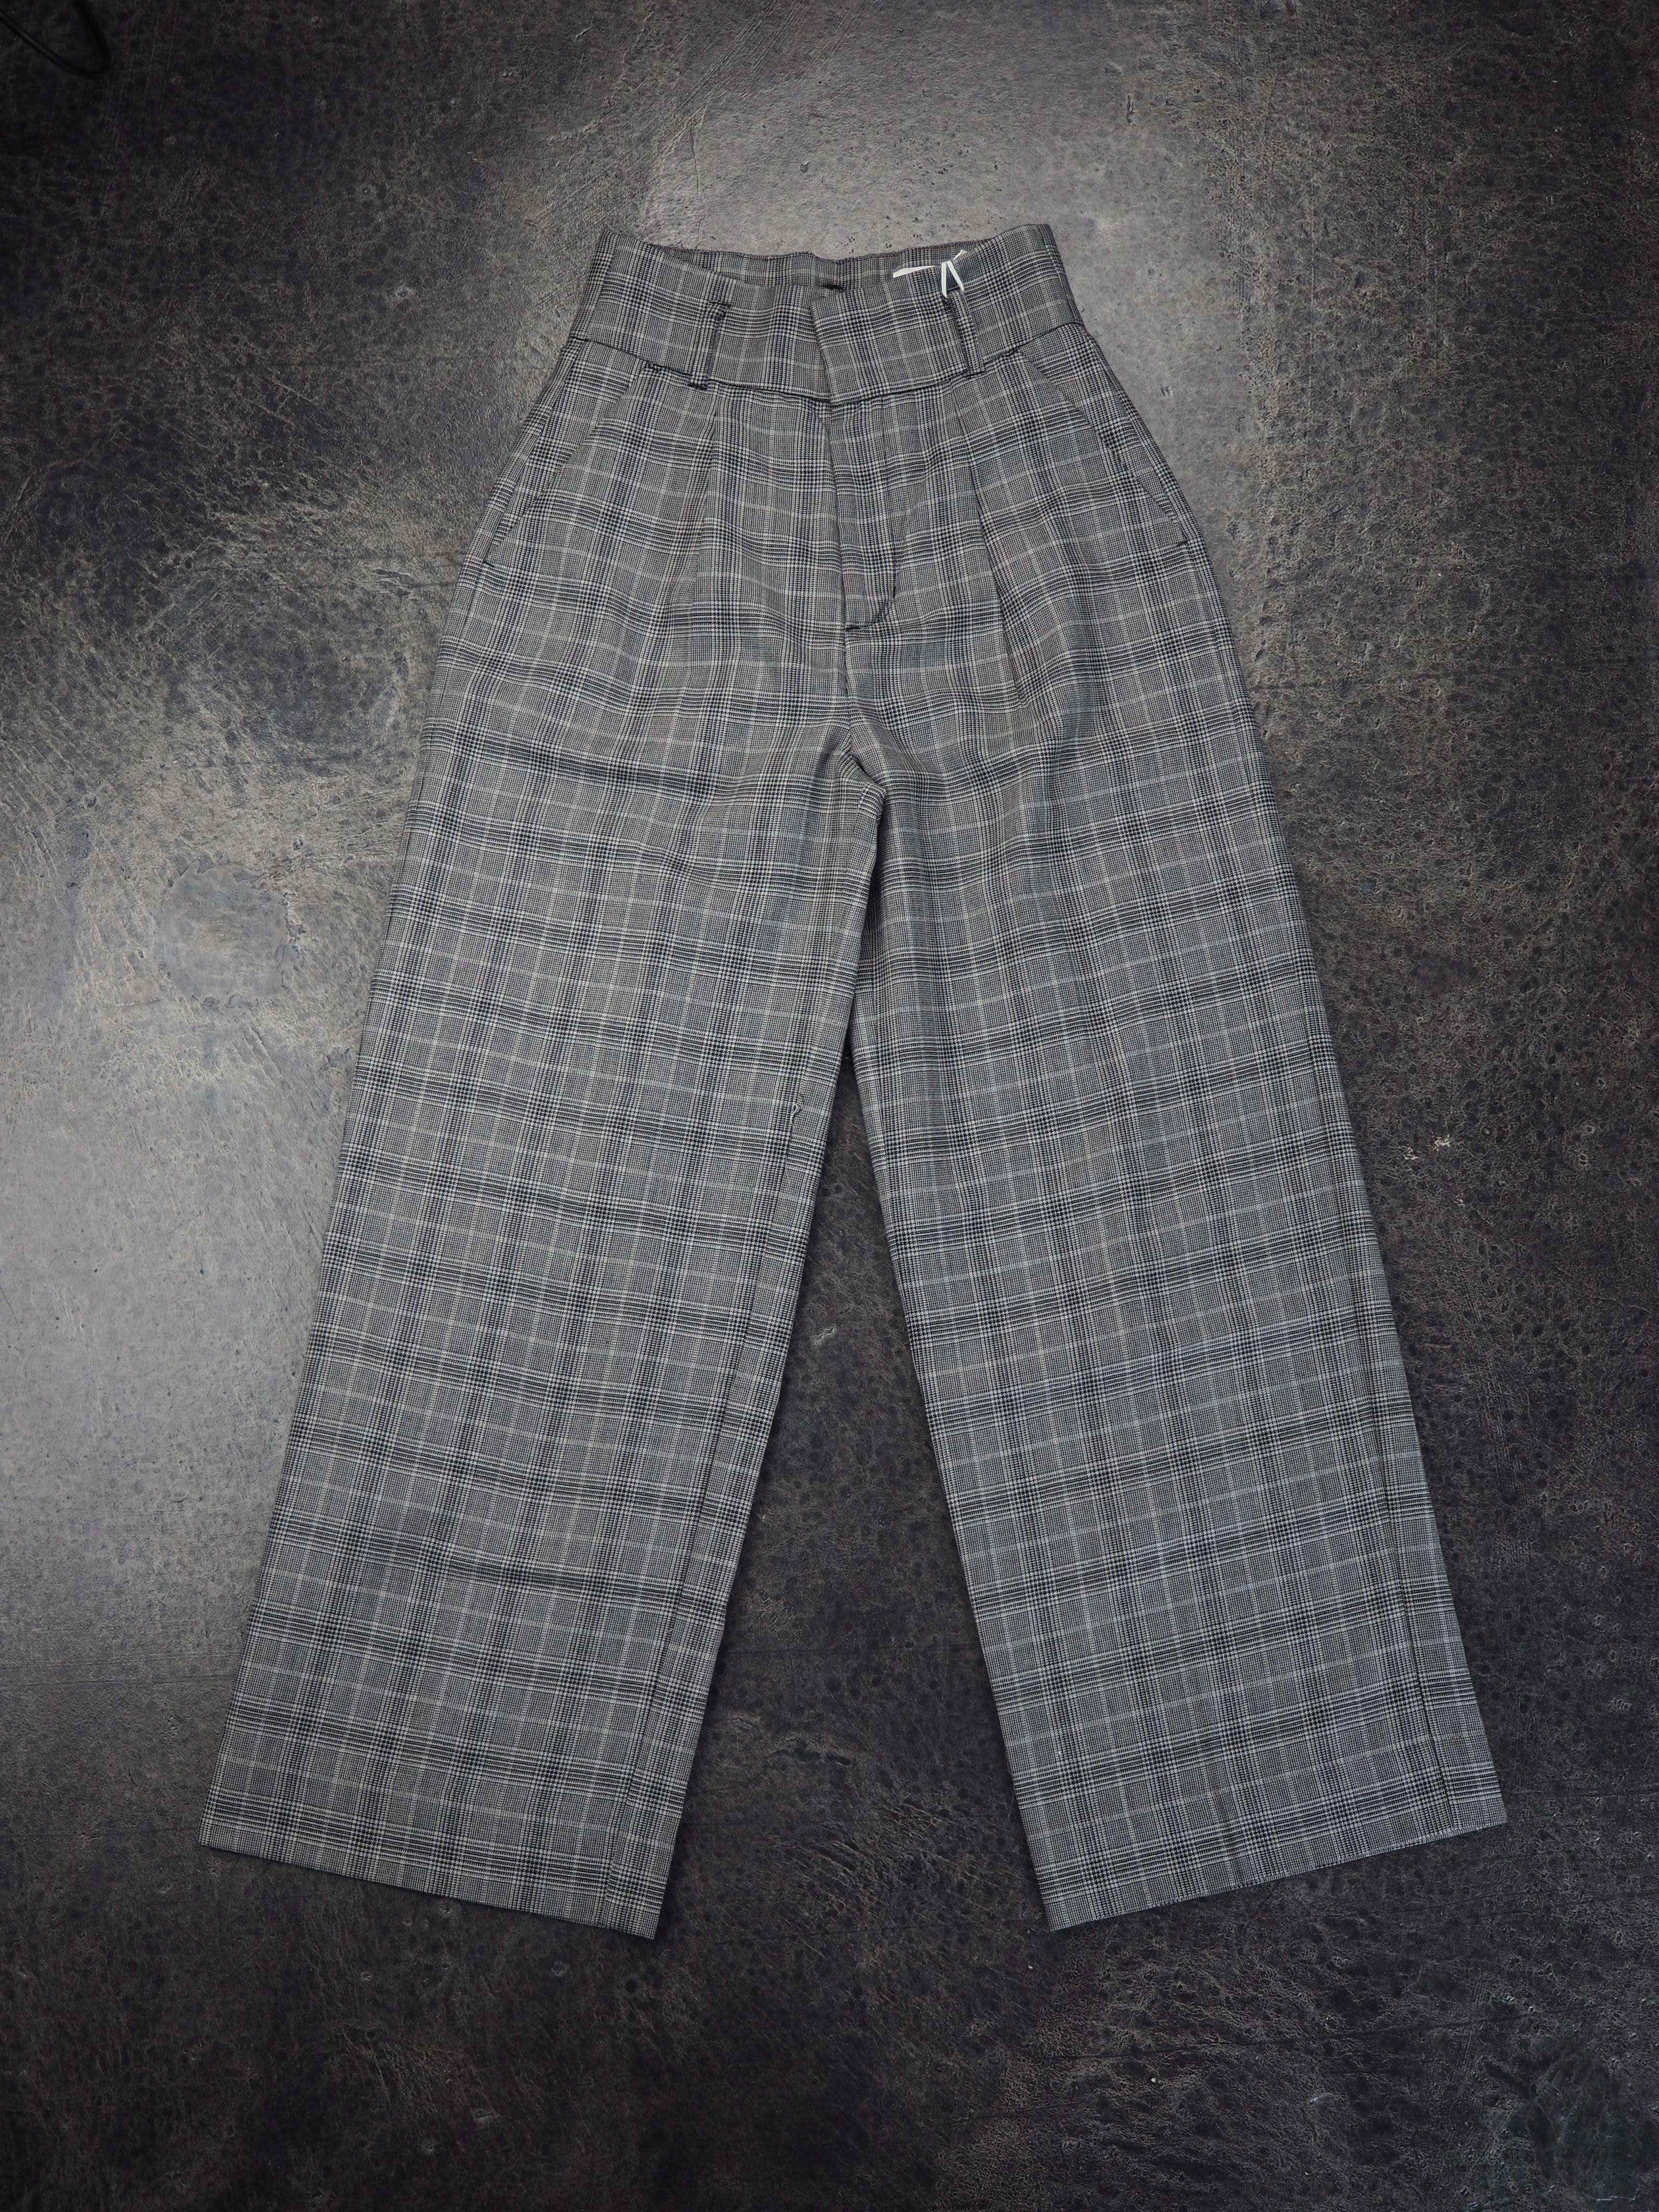 【ENLIGHTENMENT】WIDE PANTS